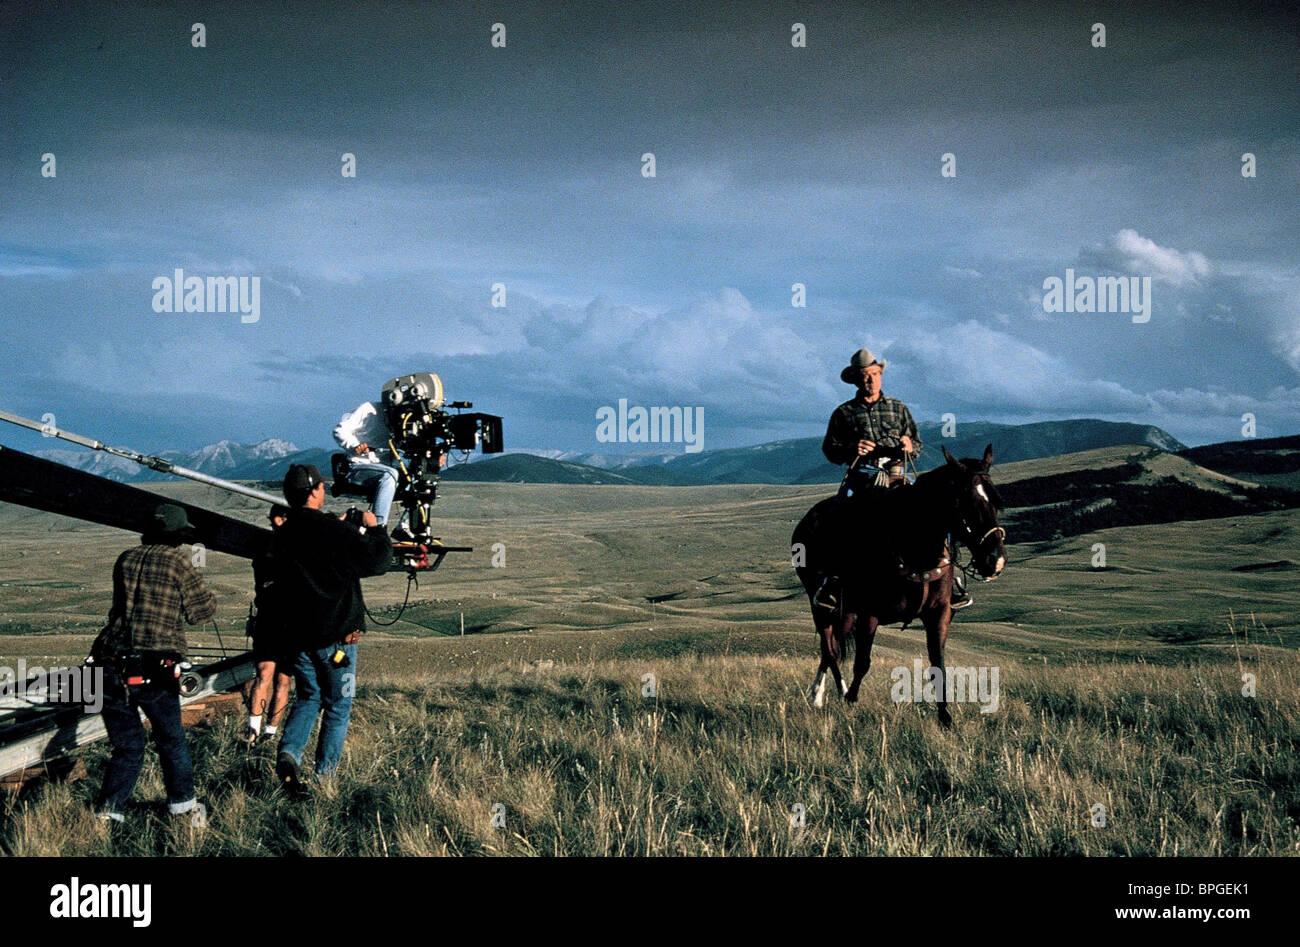 Robert Redford The Horse Whisperer 1998 Stock Photo Alamy